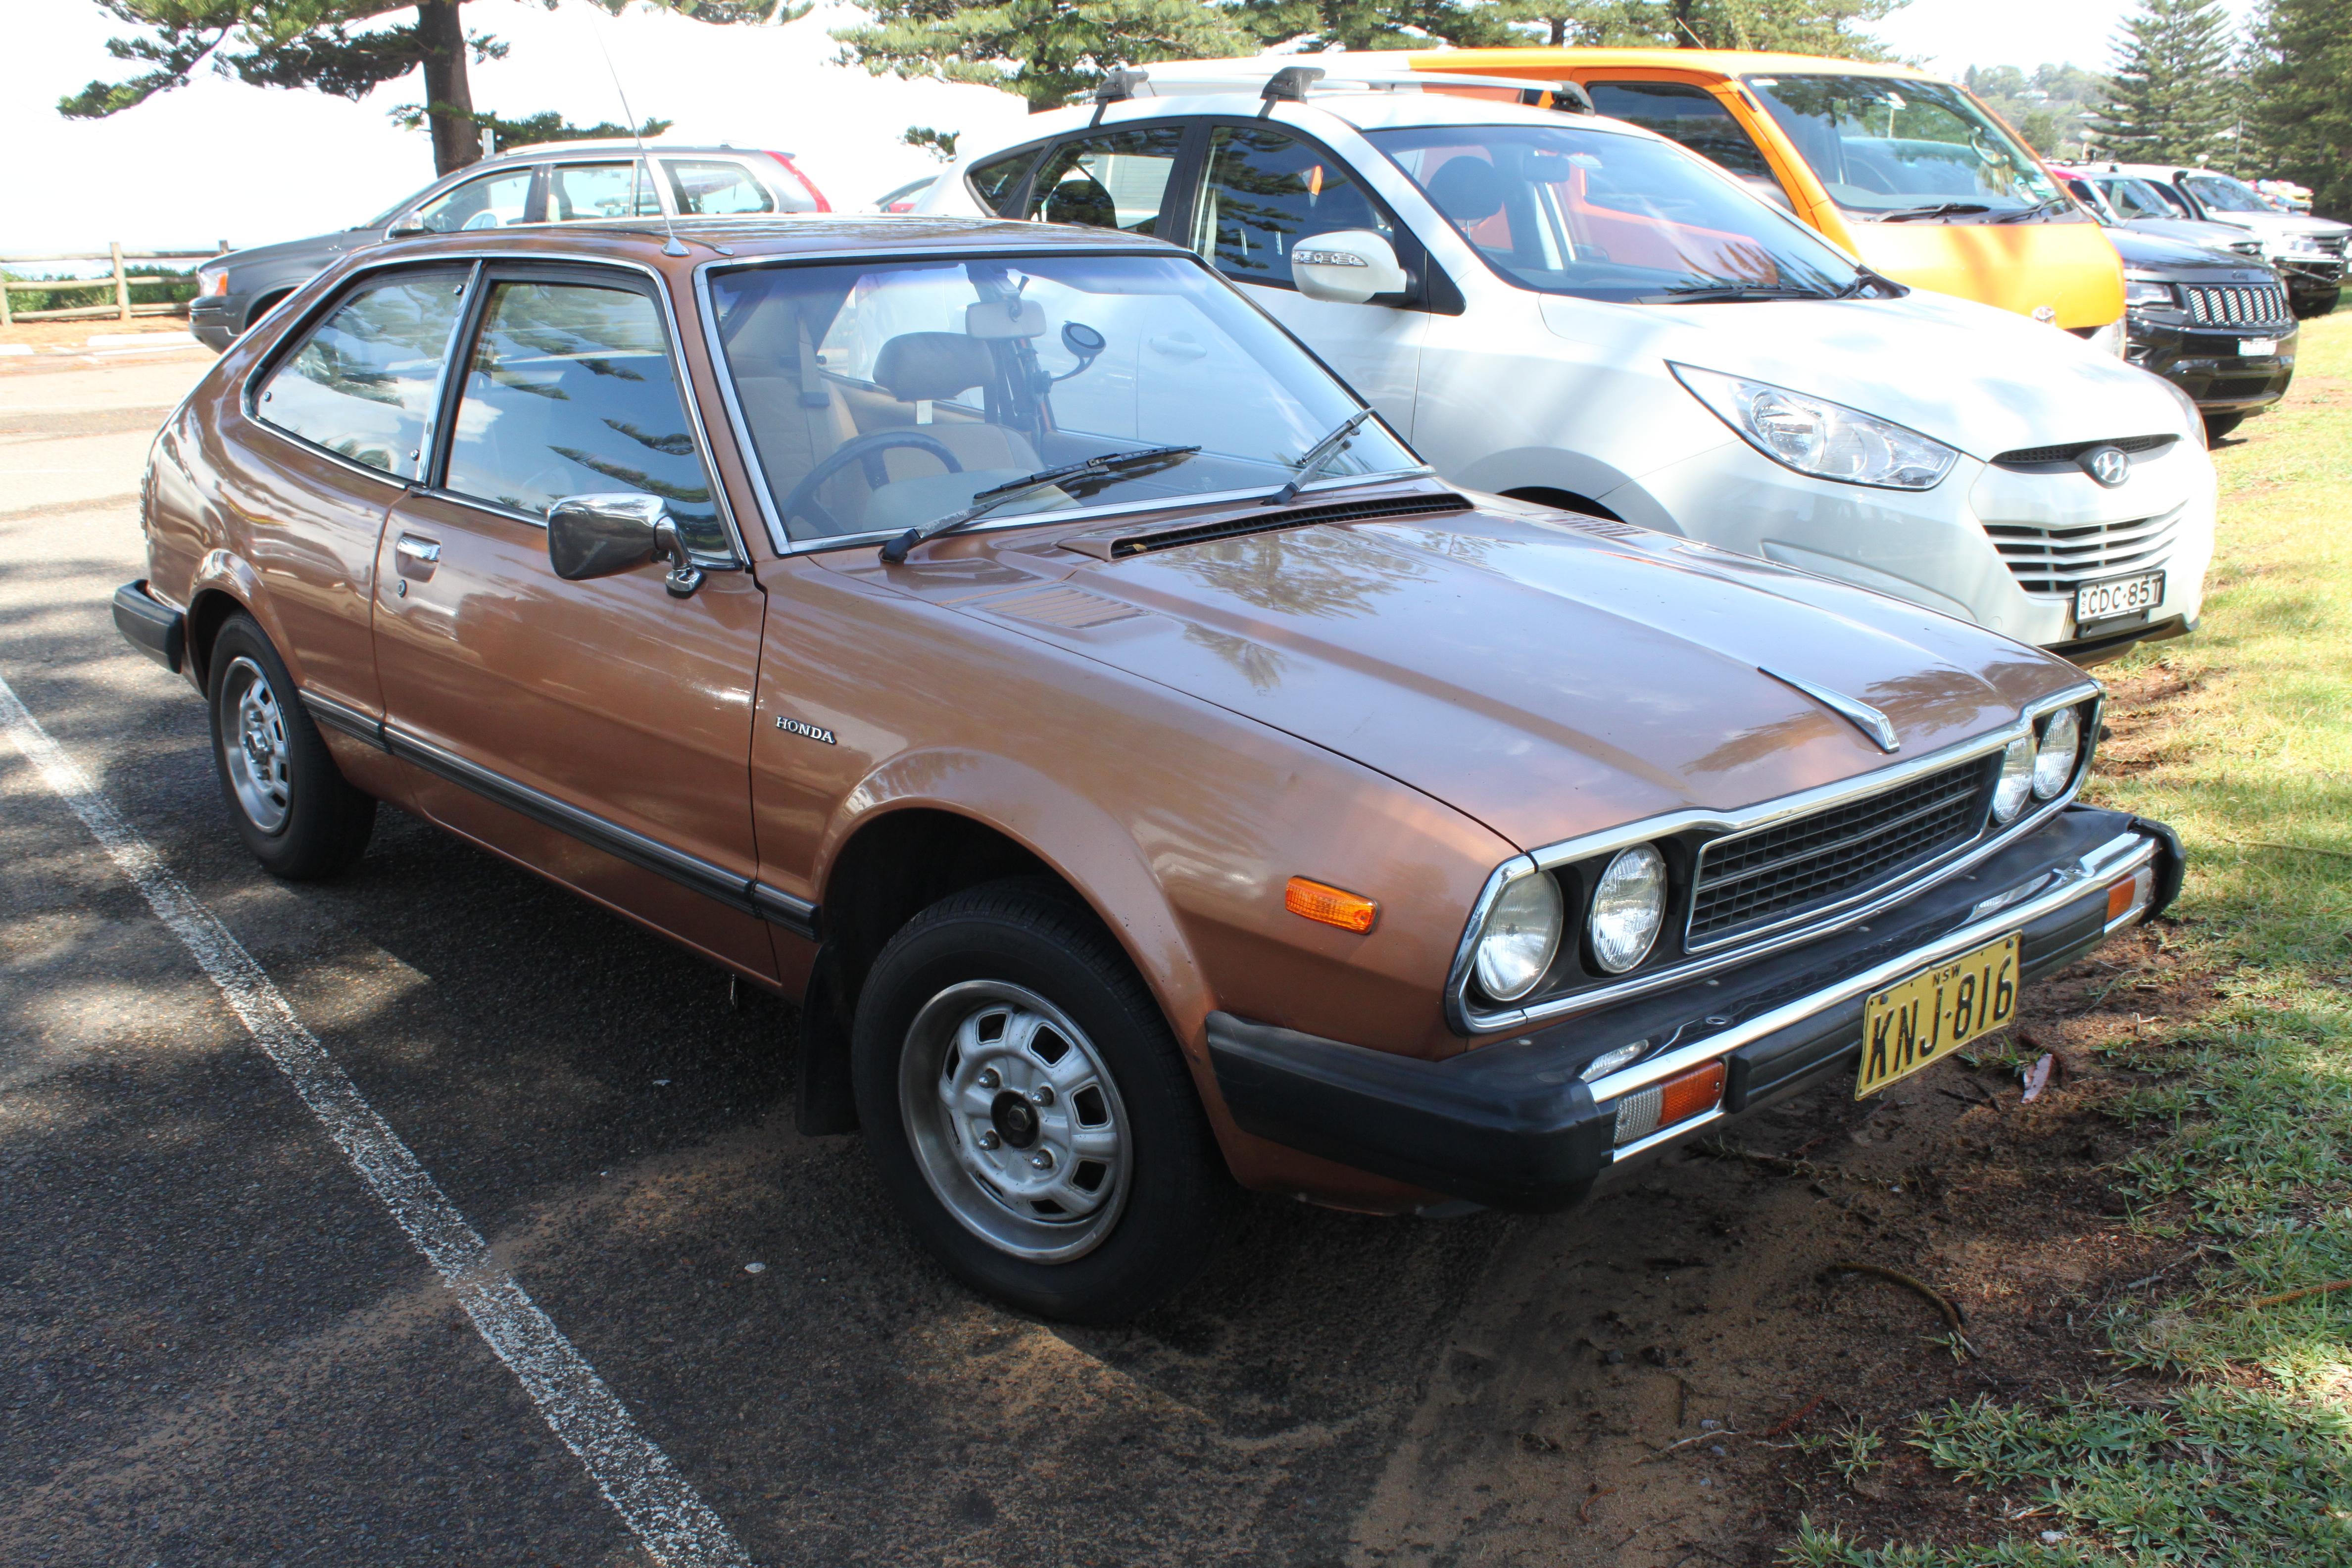 File:1980 Honda Accord hatchback (25152720333).jpg ...